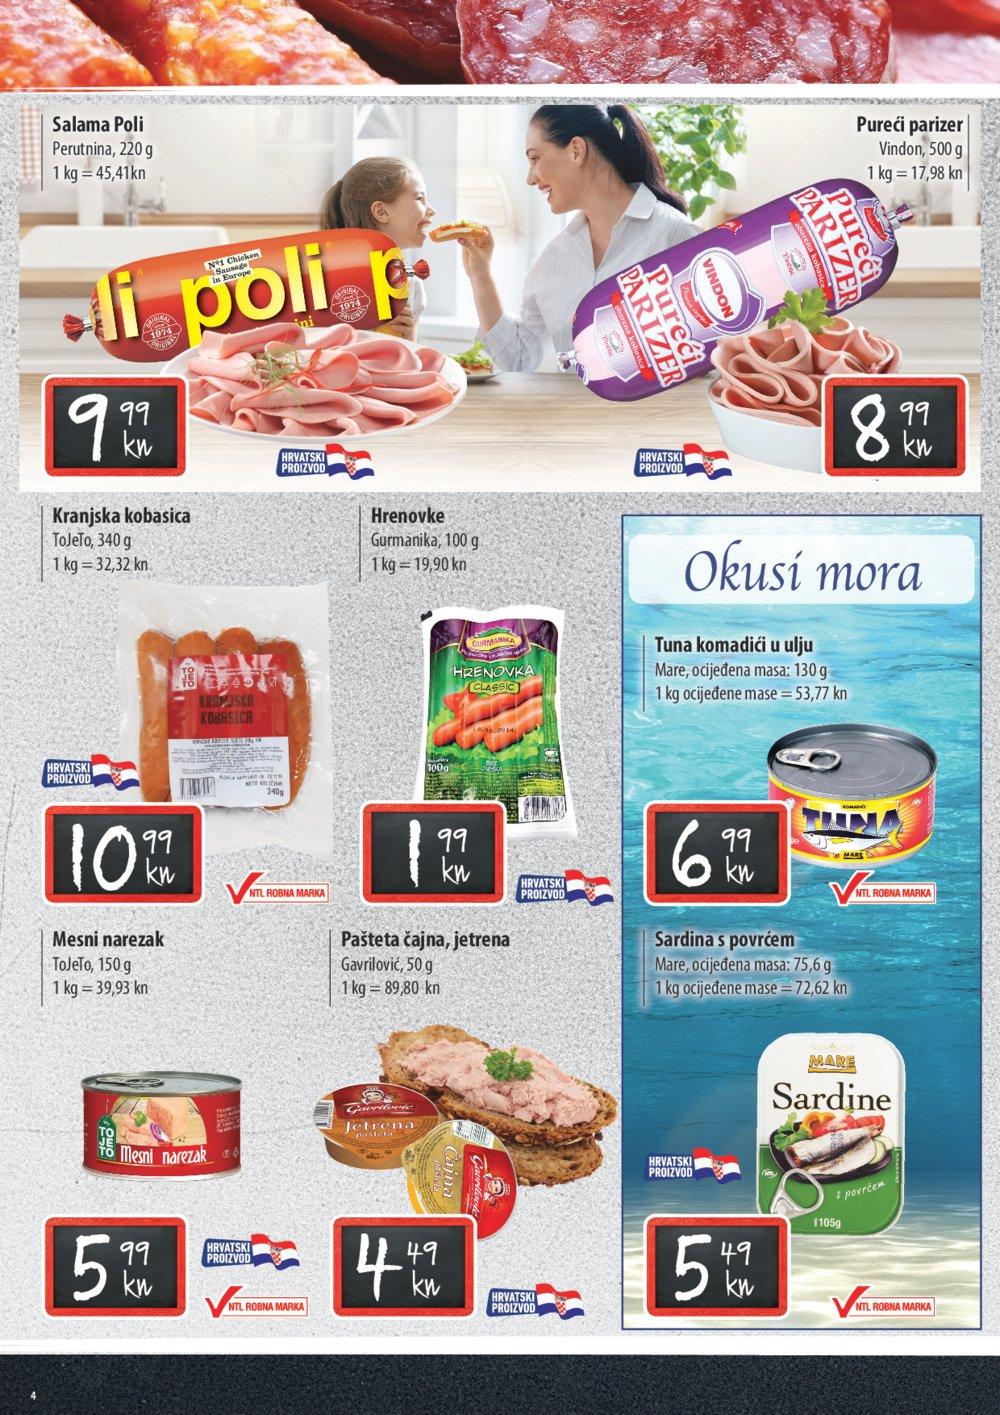 Trgostil Maxi katalog Akcija 07.11.-13.11.2019.